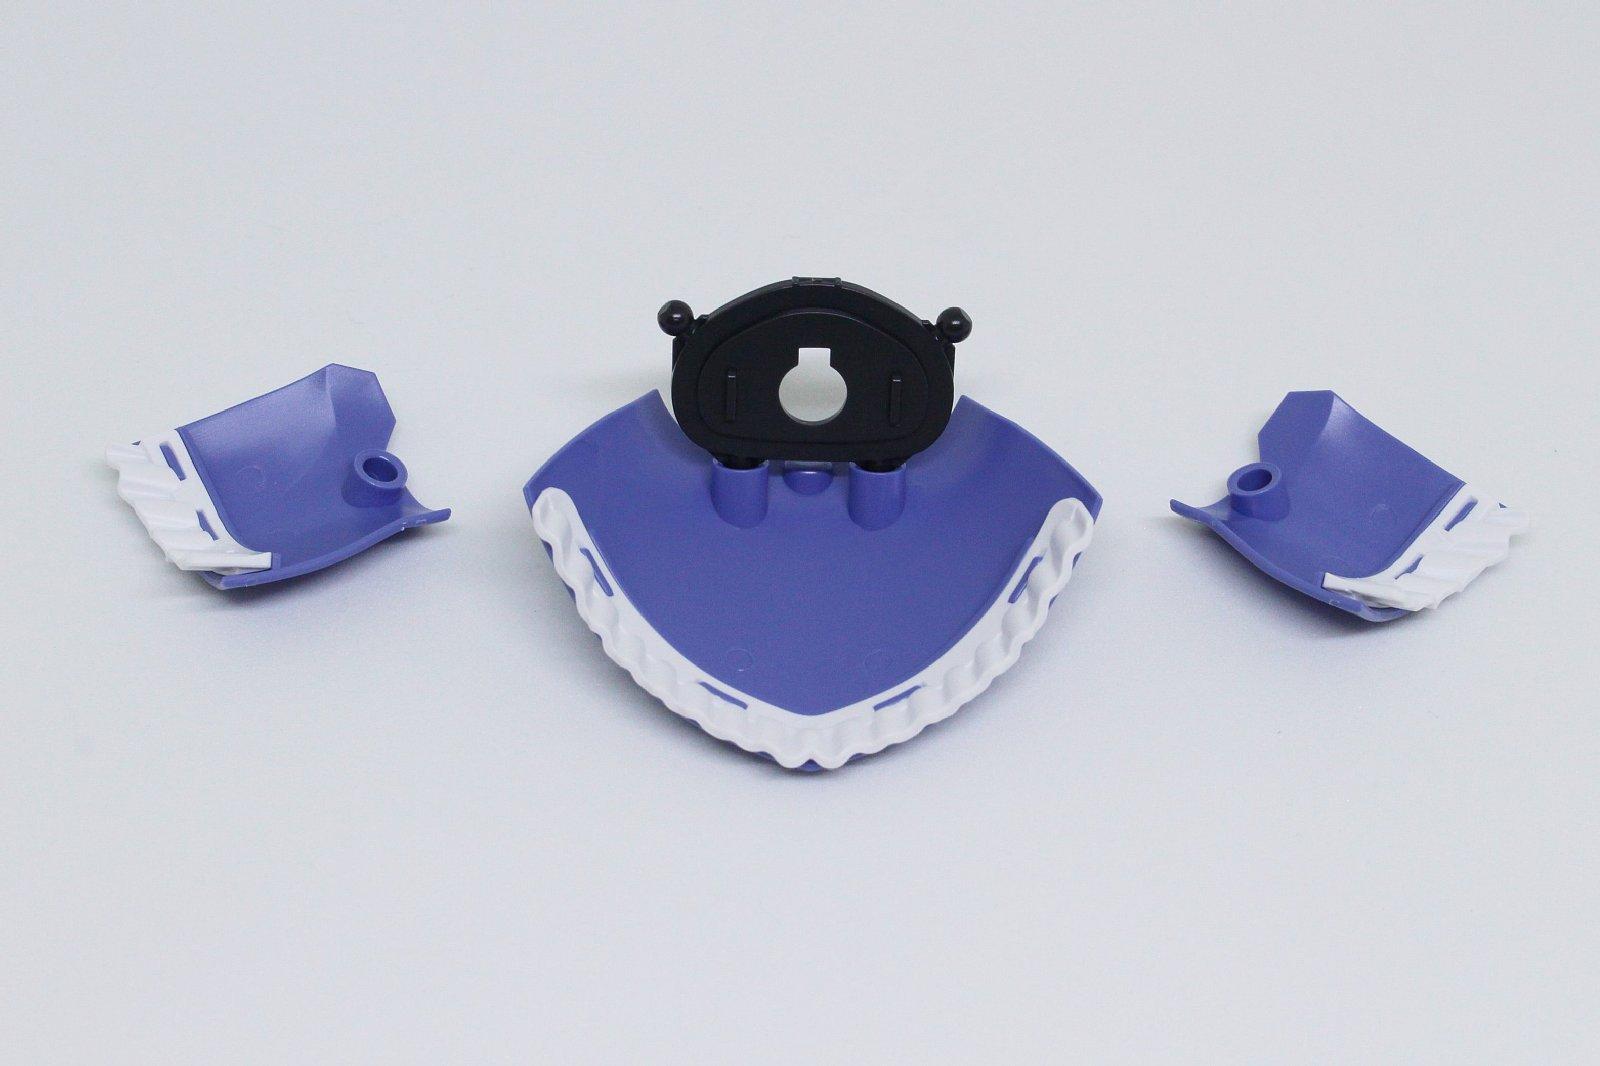 スカートは前が2枚、後ろが1枚あり、ボールジョイントで接続する